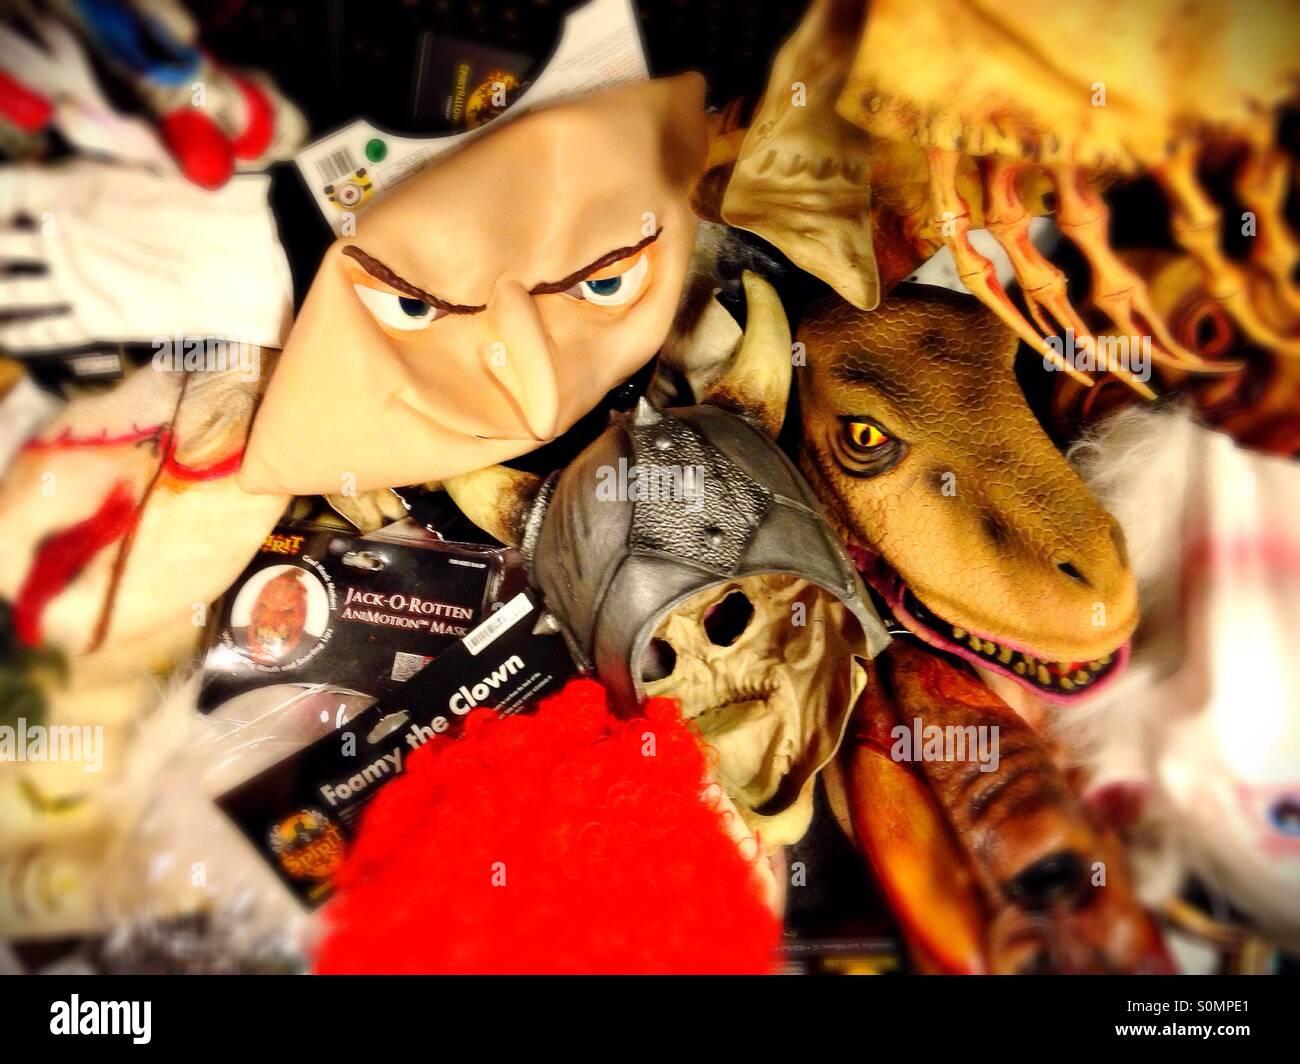 halloween masks stock photos & halloween masks stock images - alamy